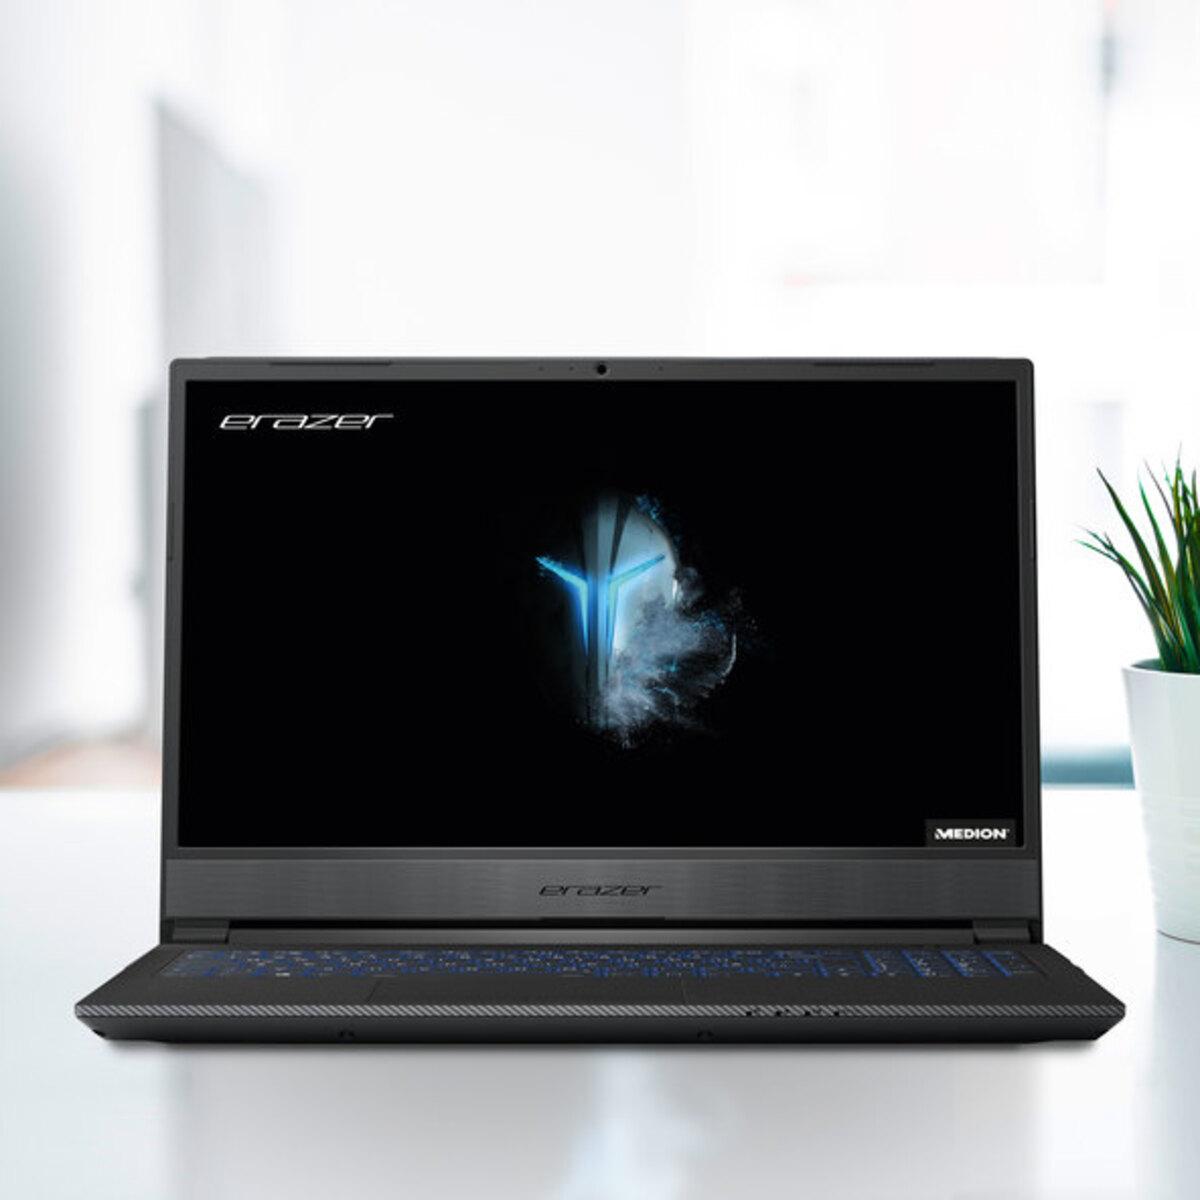 """Bild 1 von Gaming-Notebook MEDION ERAZER P15609, Intel Core i5, 39,6 cm (15,6"""")"""